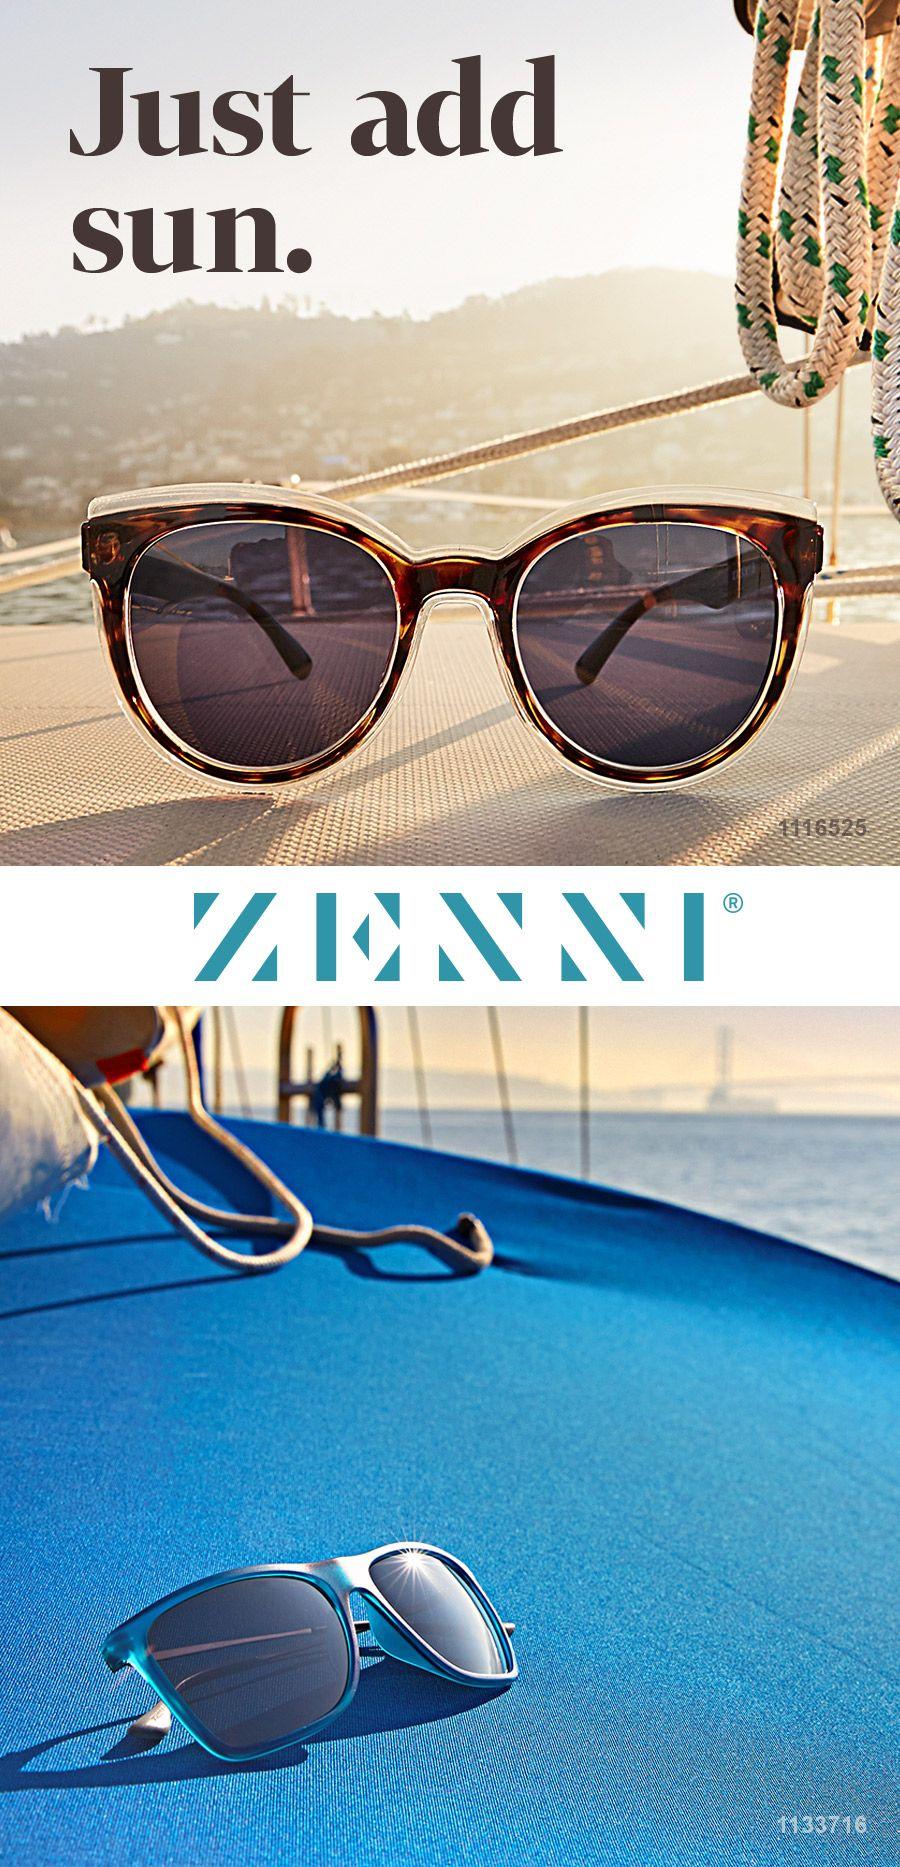 Pin de Jonalyn Guest en Eyeglasses | Pinterest | Lentes, Salud ...